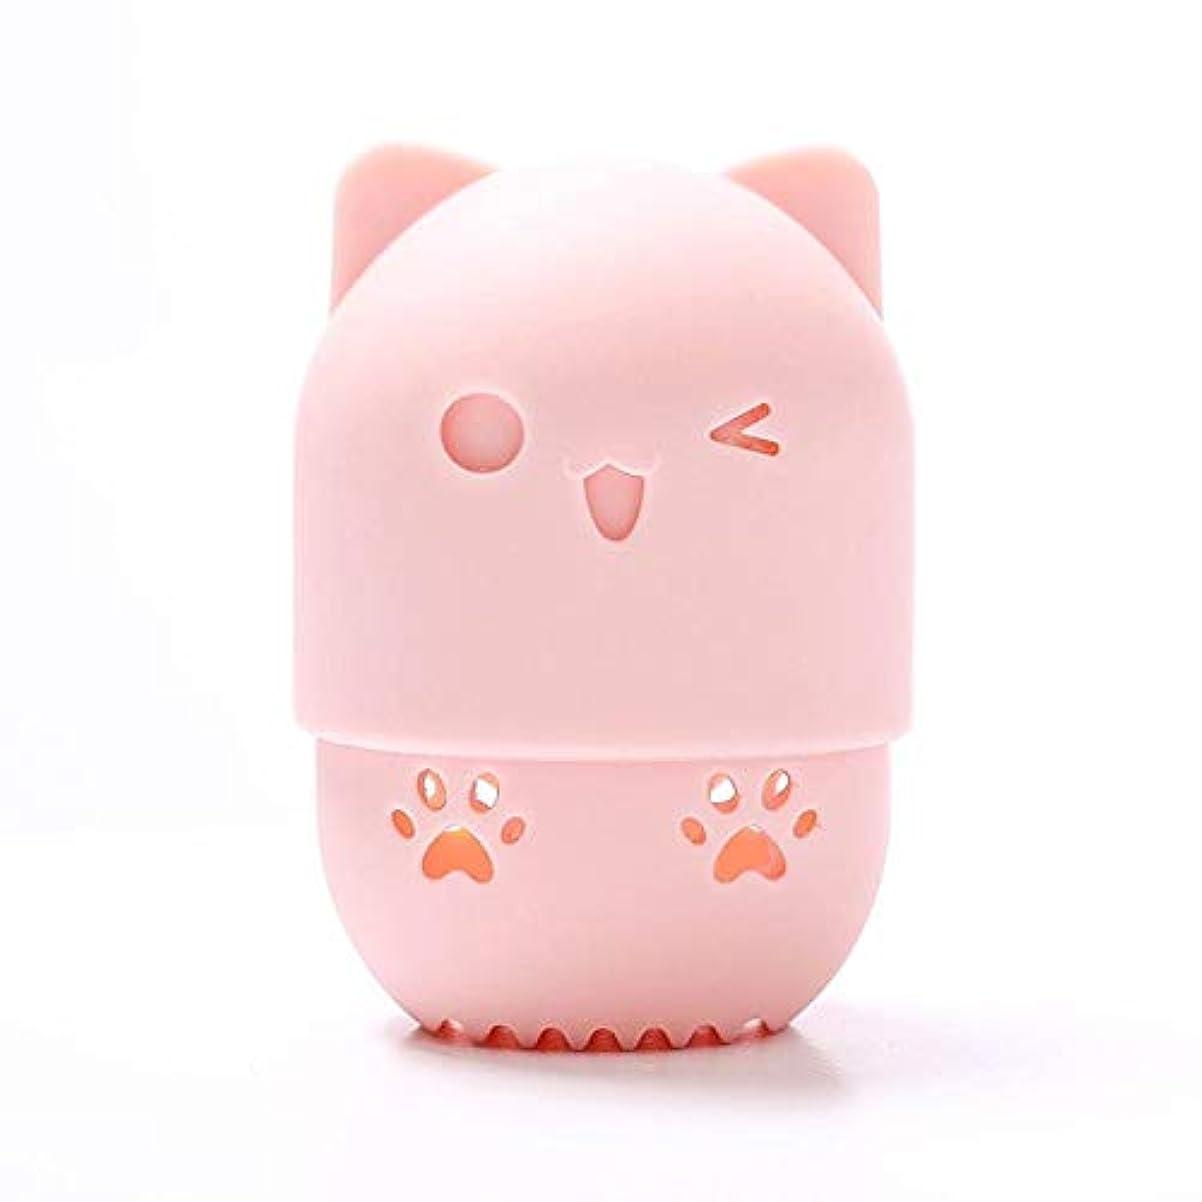 スラムスキップ財政メイクスポンジスタンド 化粧用パフ收納 パフホルダー シリコーン製 可愛い 小型軽量